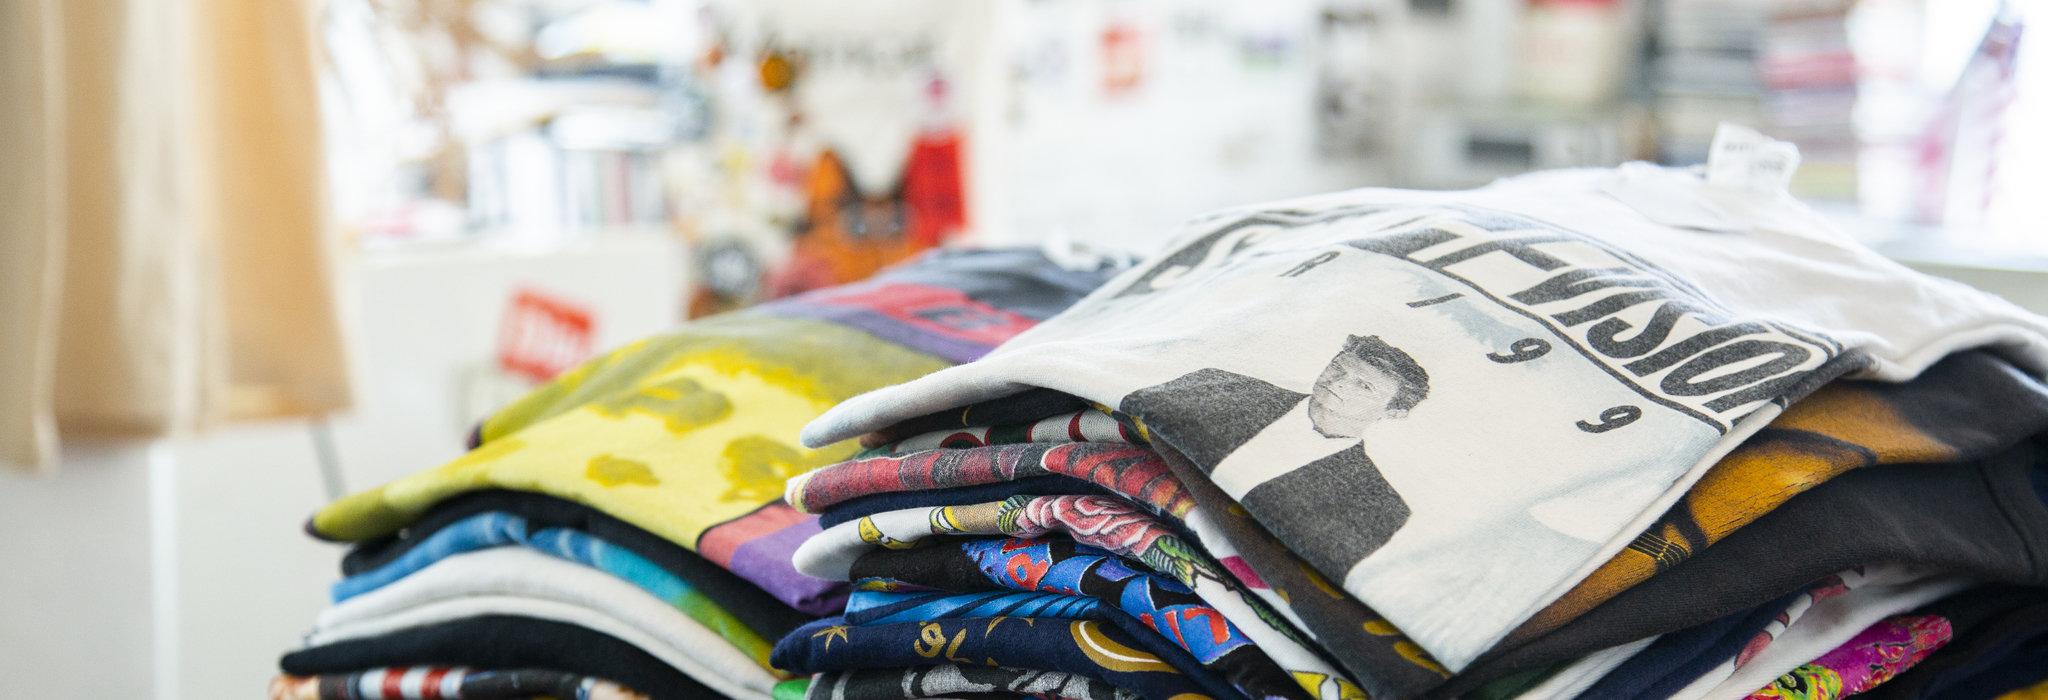 最高のコミュニケーションツールであり、宝物でもある。バンドTシャツは、単なるお土産じゃない。_image